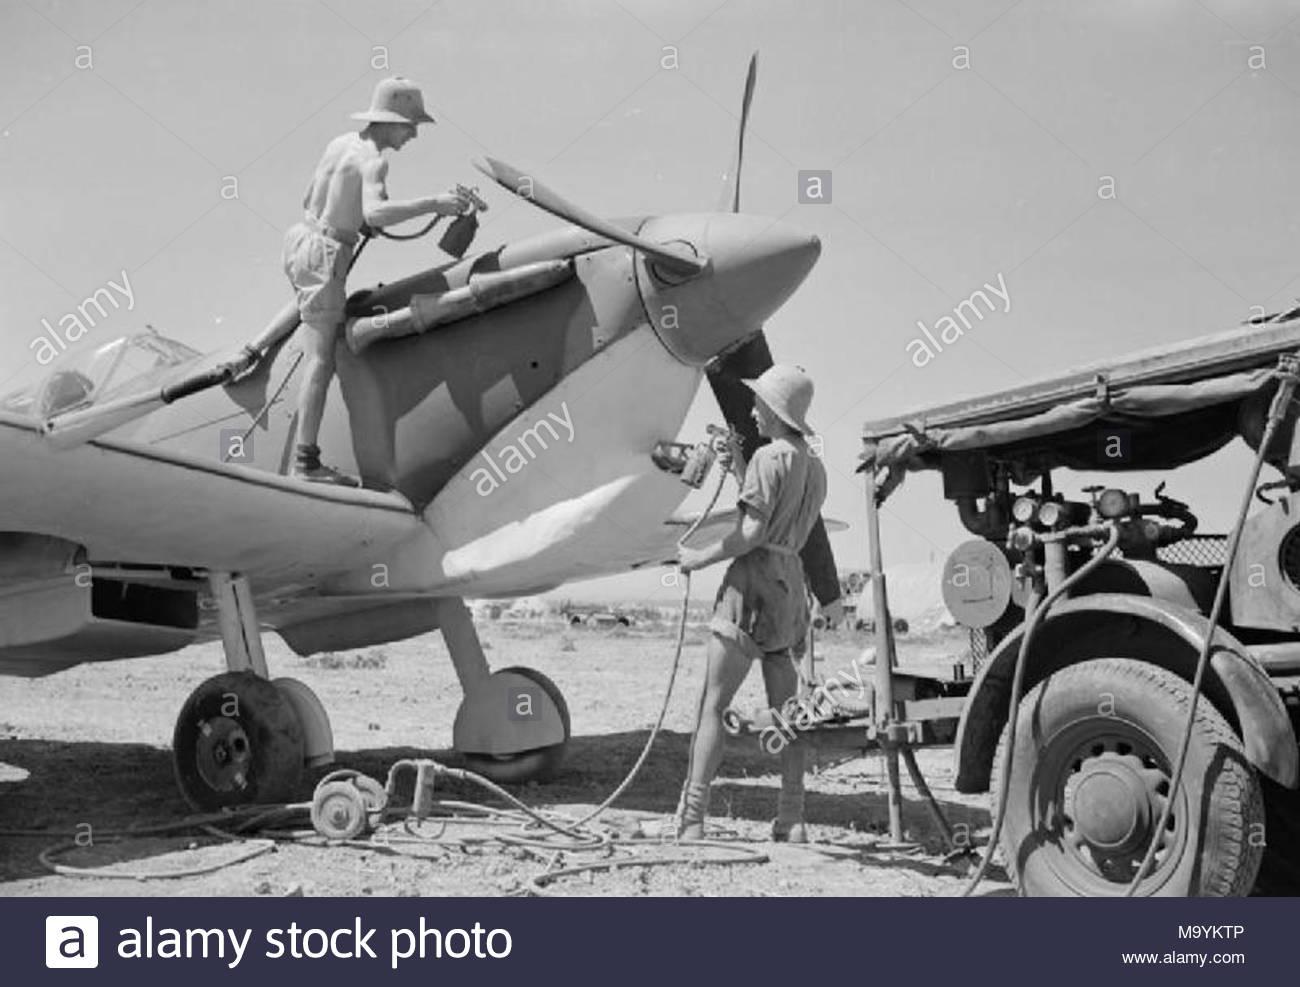 1939 1943 utilisation daviateurs pistolets recamouflage réparé un supermarine spitfire mark v à n 144 unité de maintenance maison blanche lalgérie